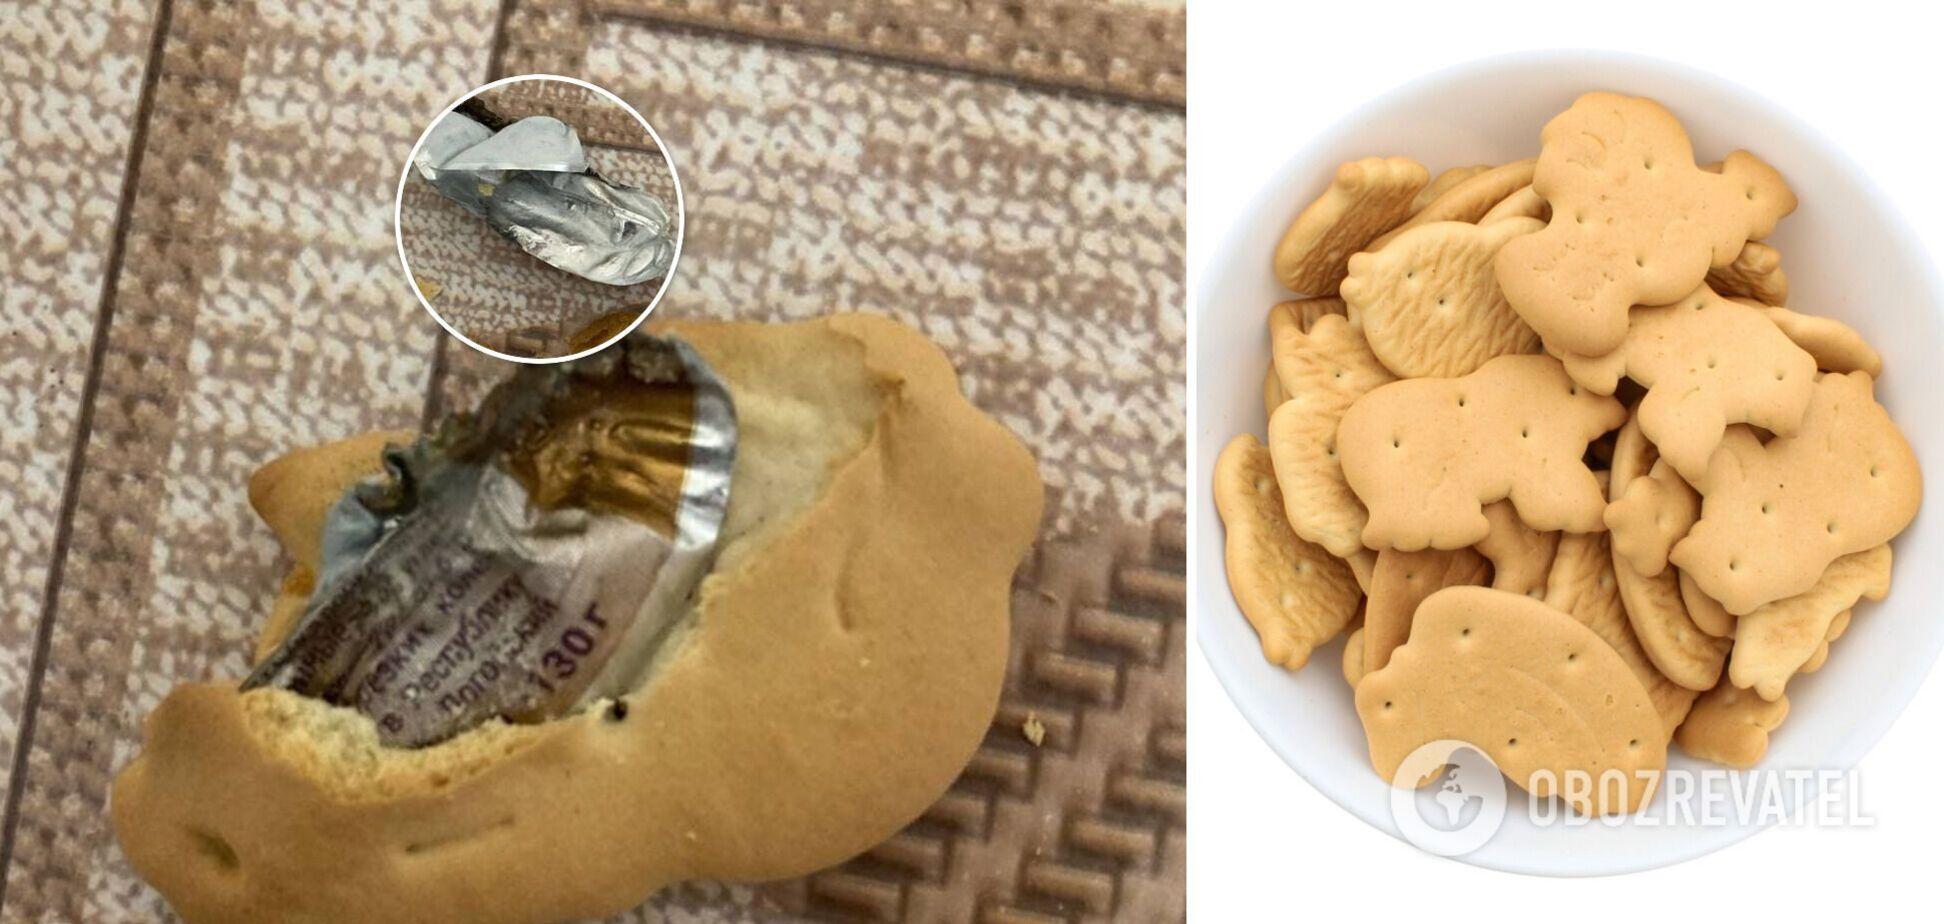 Харків'янин знайшов 'сюрприз' у печиві місцевої фабрики. Фото